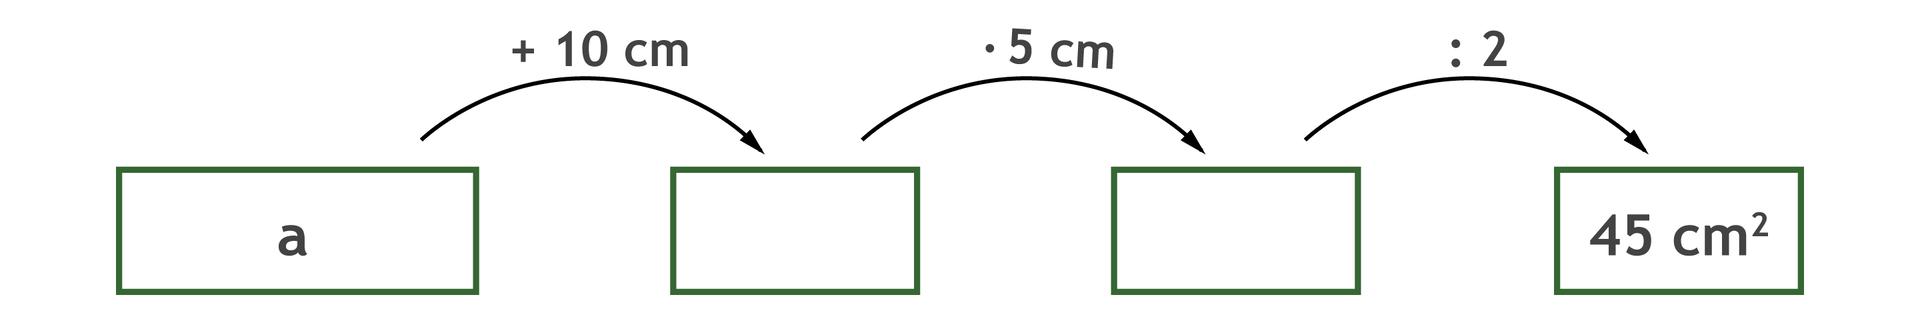 Graf, który ilustruje sposób obliczenia pola trapezu a+10 cm puste razy 5 cm puste dzielone przez 2 cm = 45 centymetrów kwadratowych.